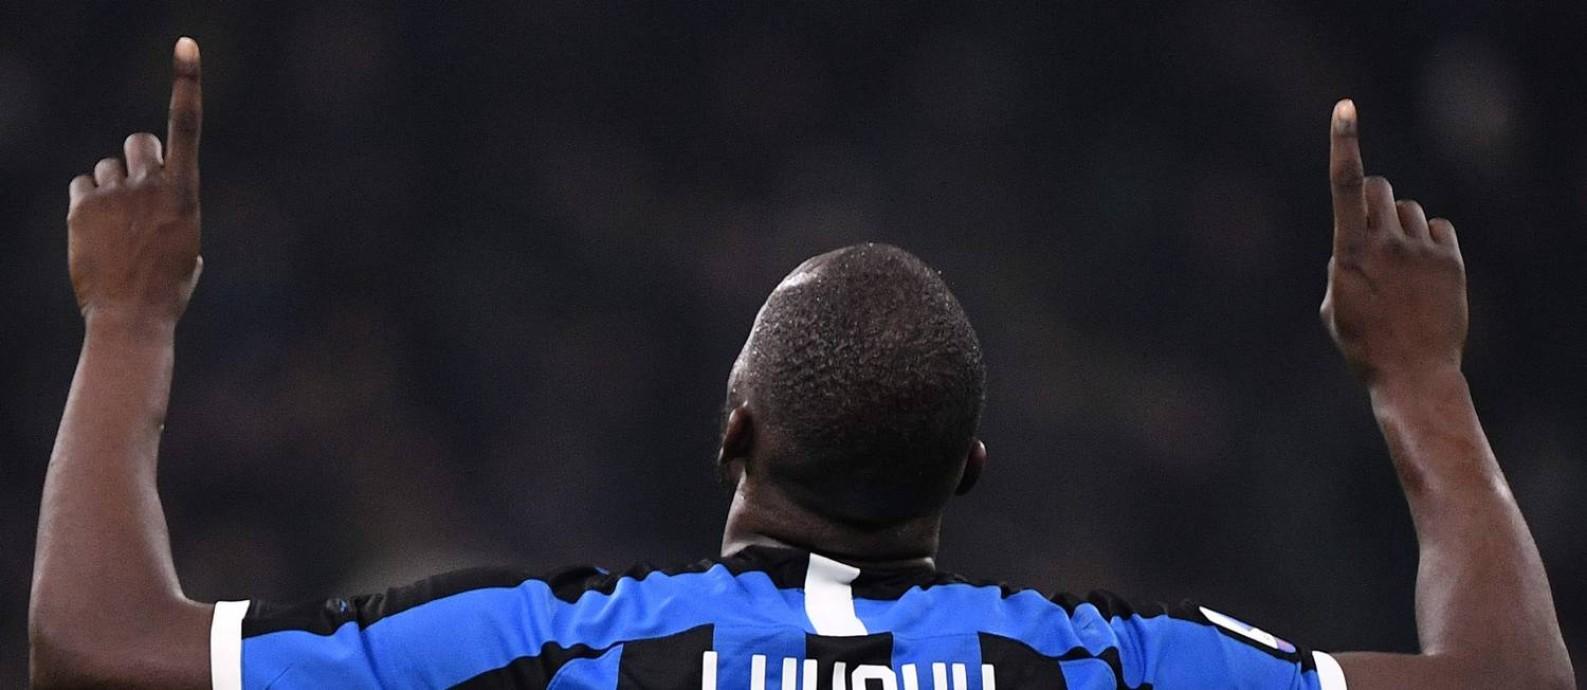 Outro ângulo da celebração de Lukaku contra o Genoa Foto: MARCO BERTORELLO / AFP